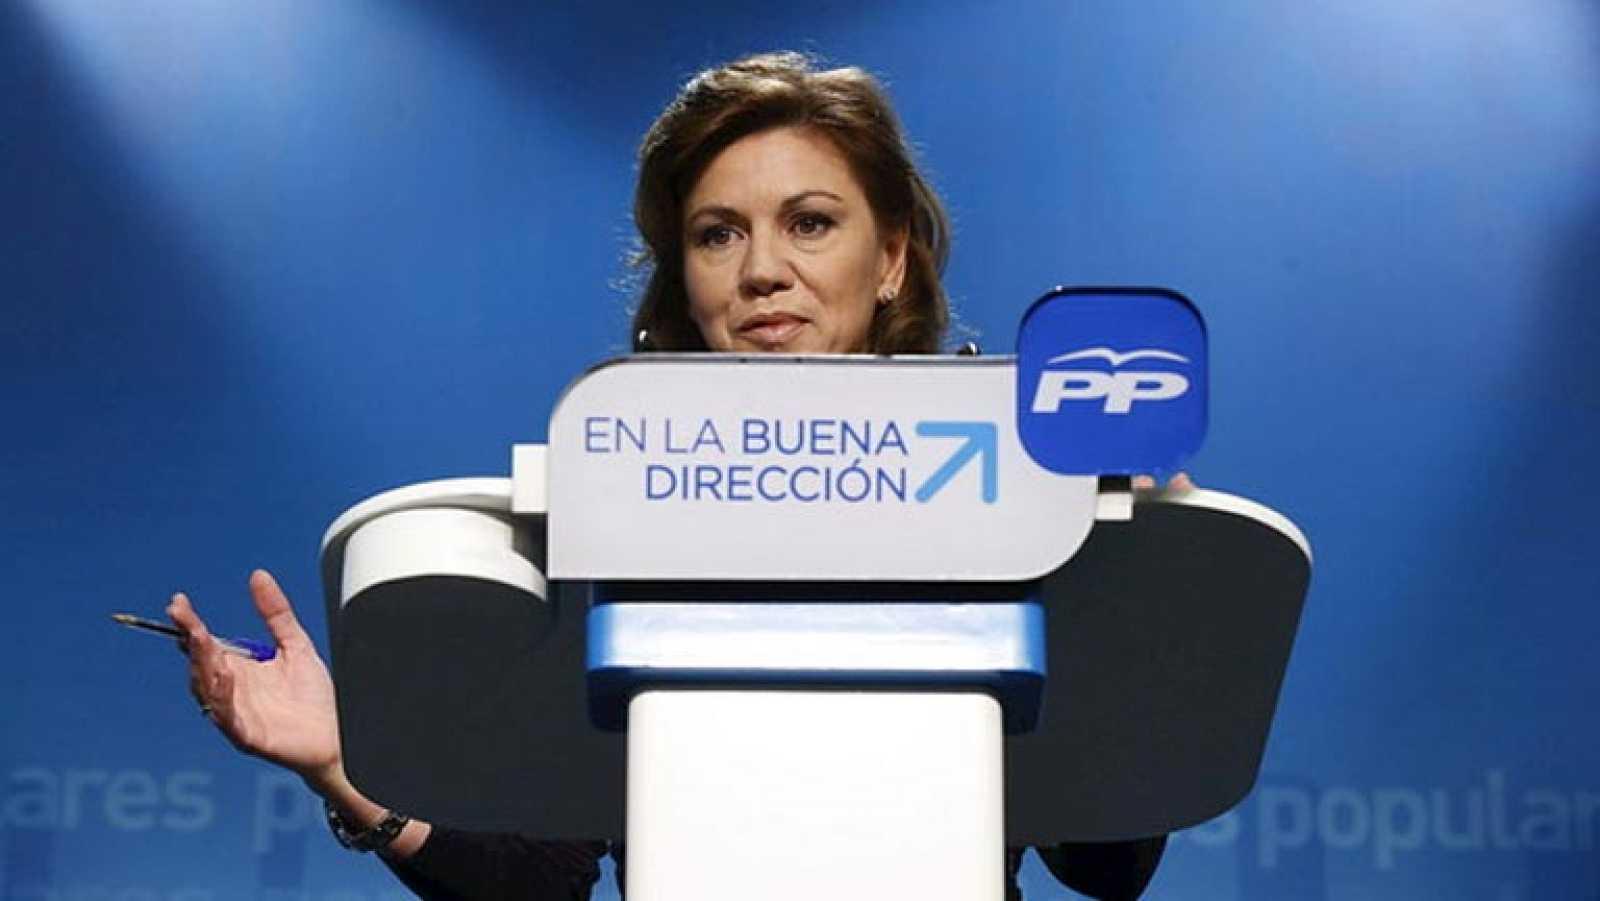 Comisiones Obreras aporta nueva documentación a la denuncia contra el marido de Mª Dolores de Cospedal